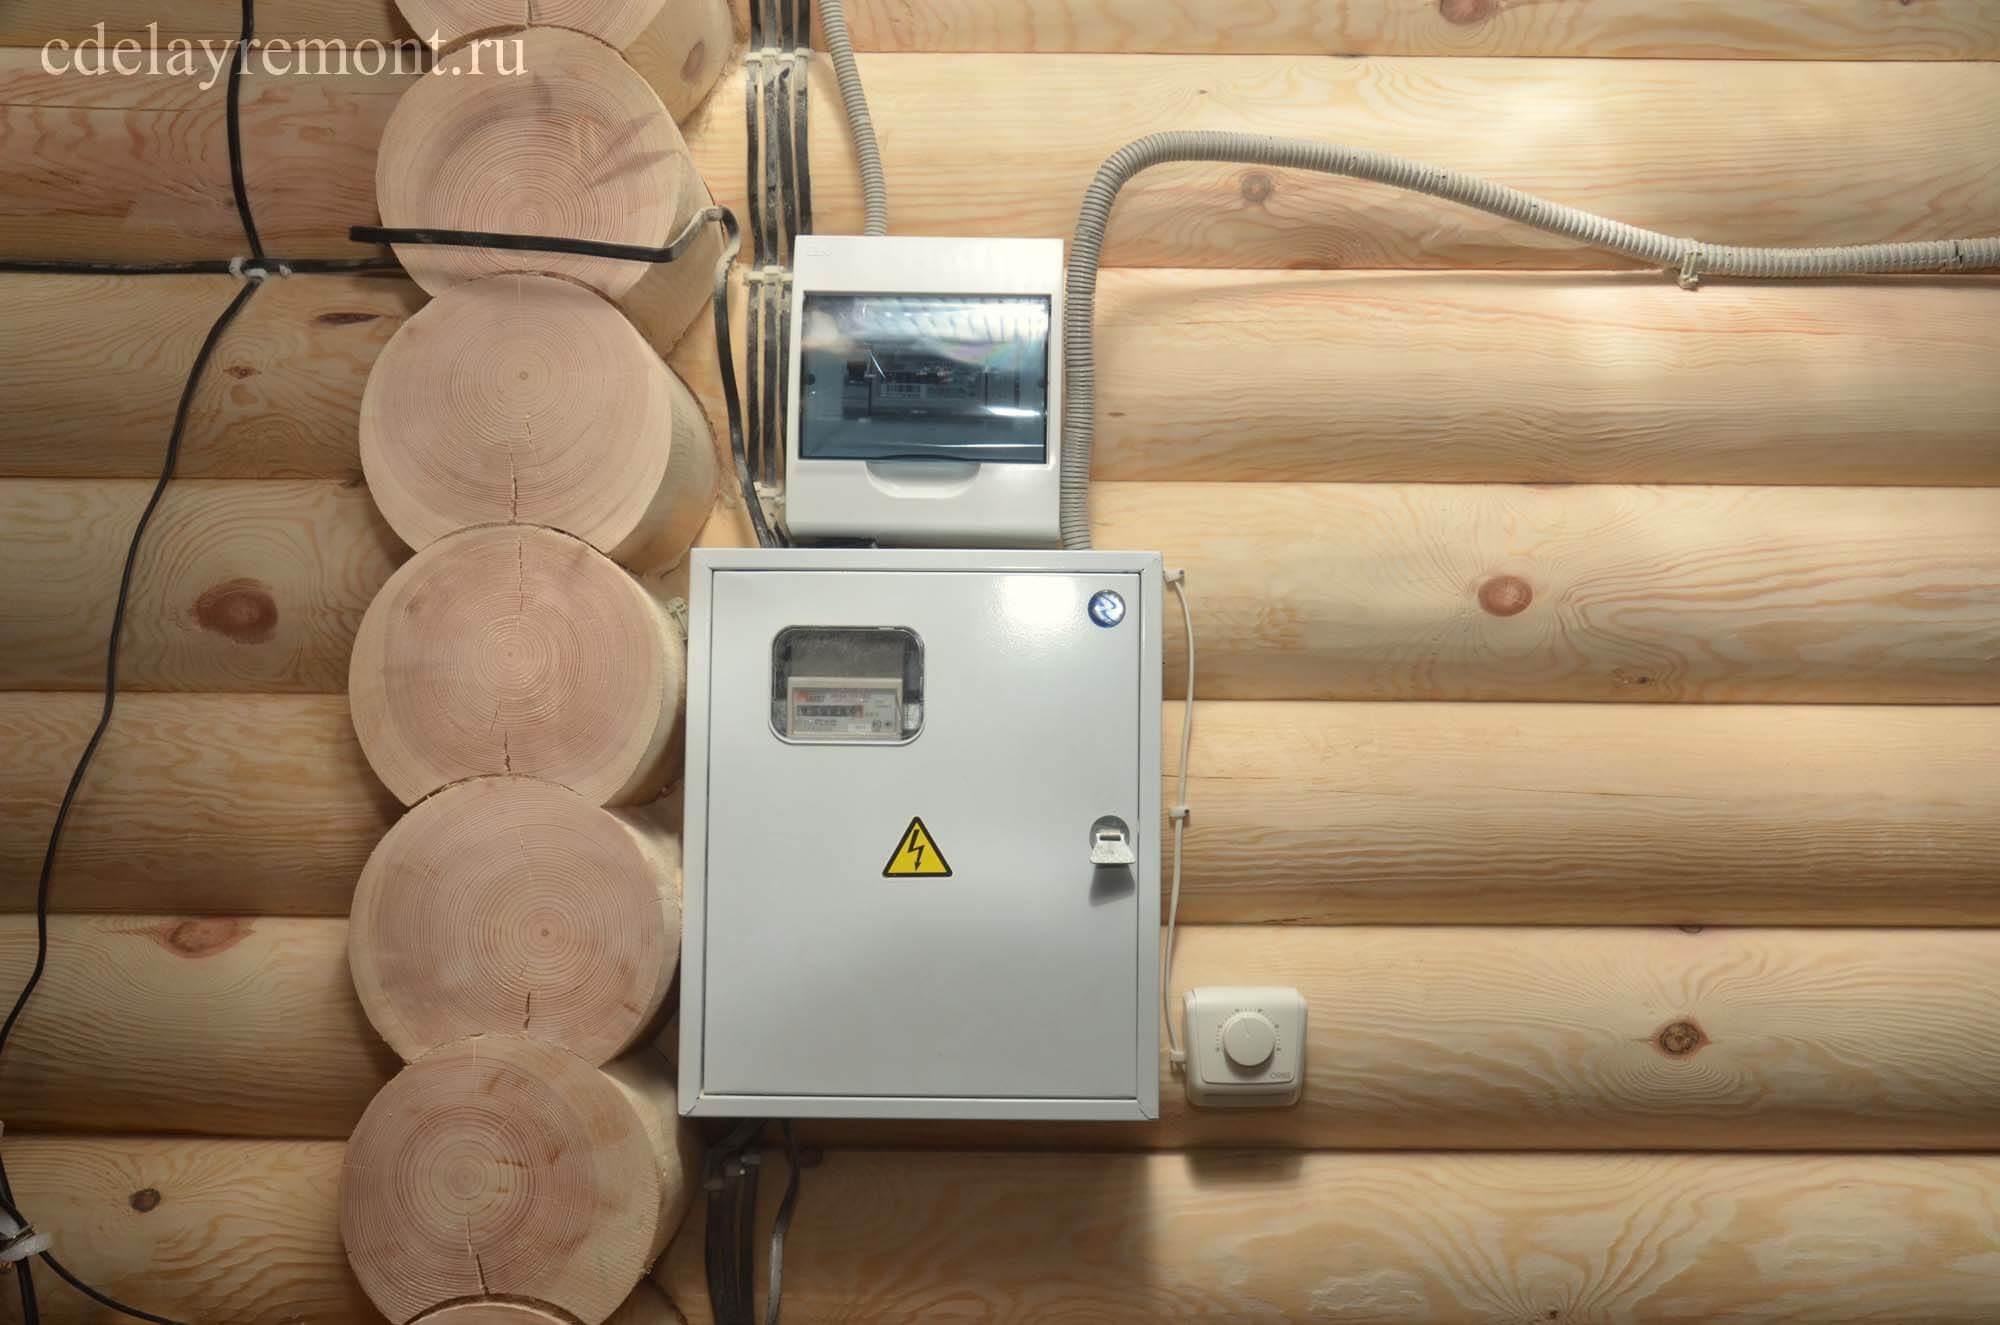 ПЛЭН: регулятор температуры и провода, подключенные к щитку